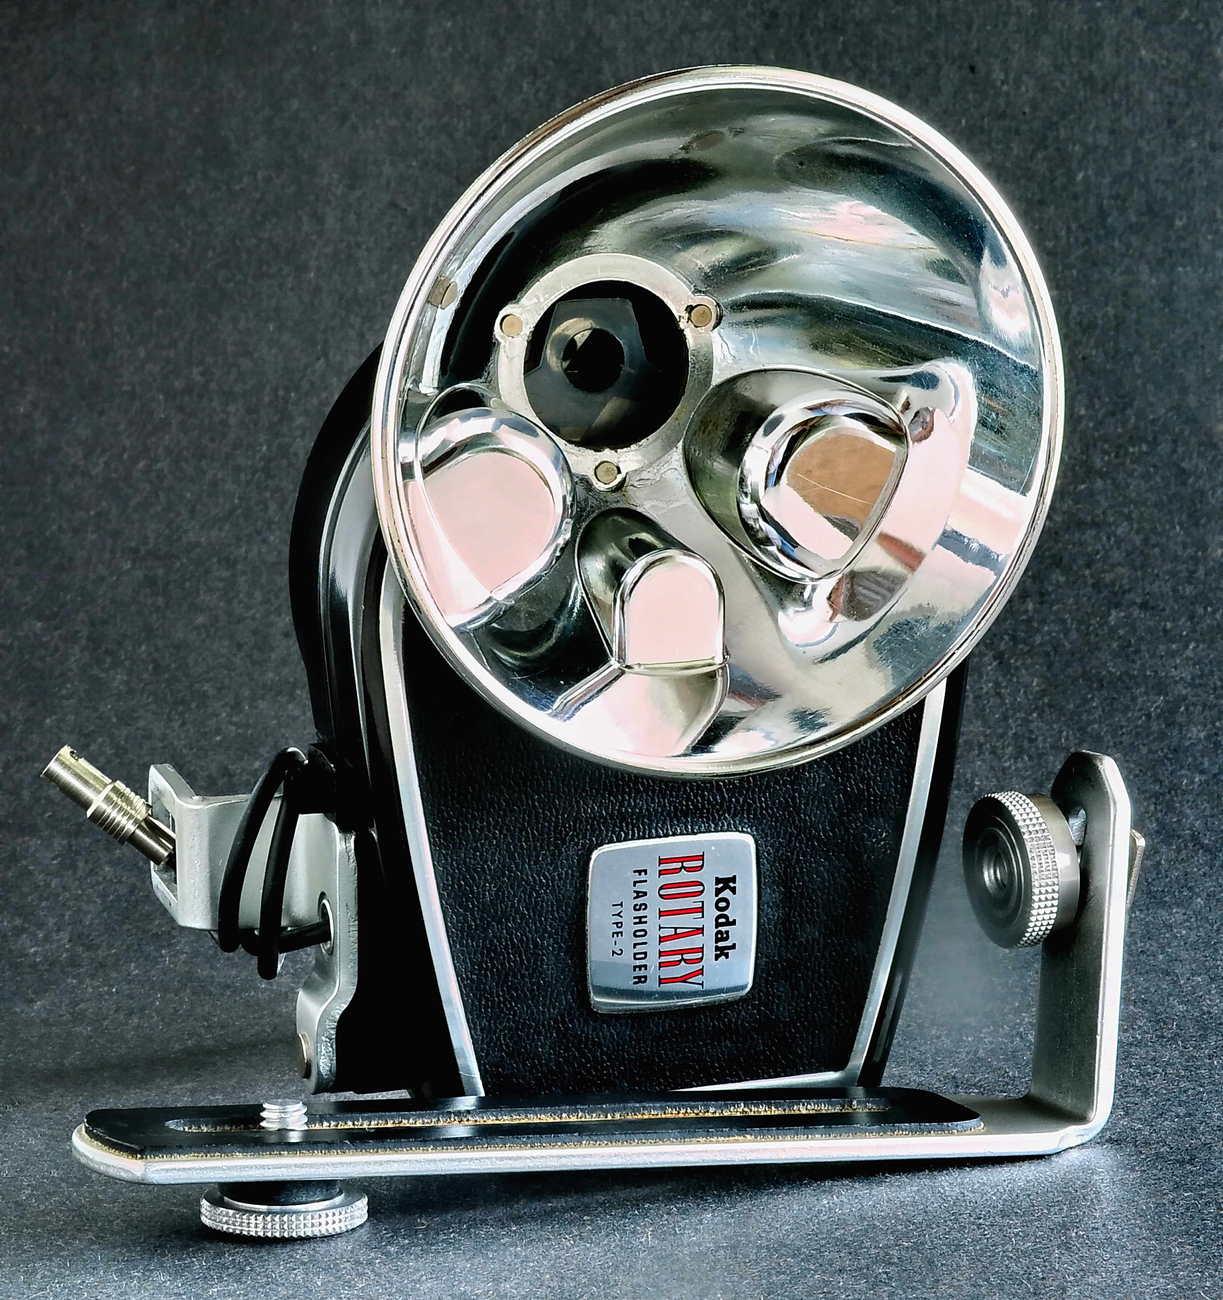 Kodak rotart flasholder type 2.small file